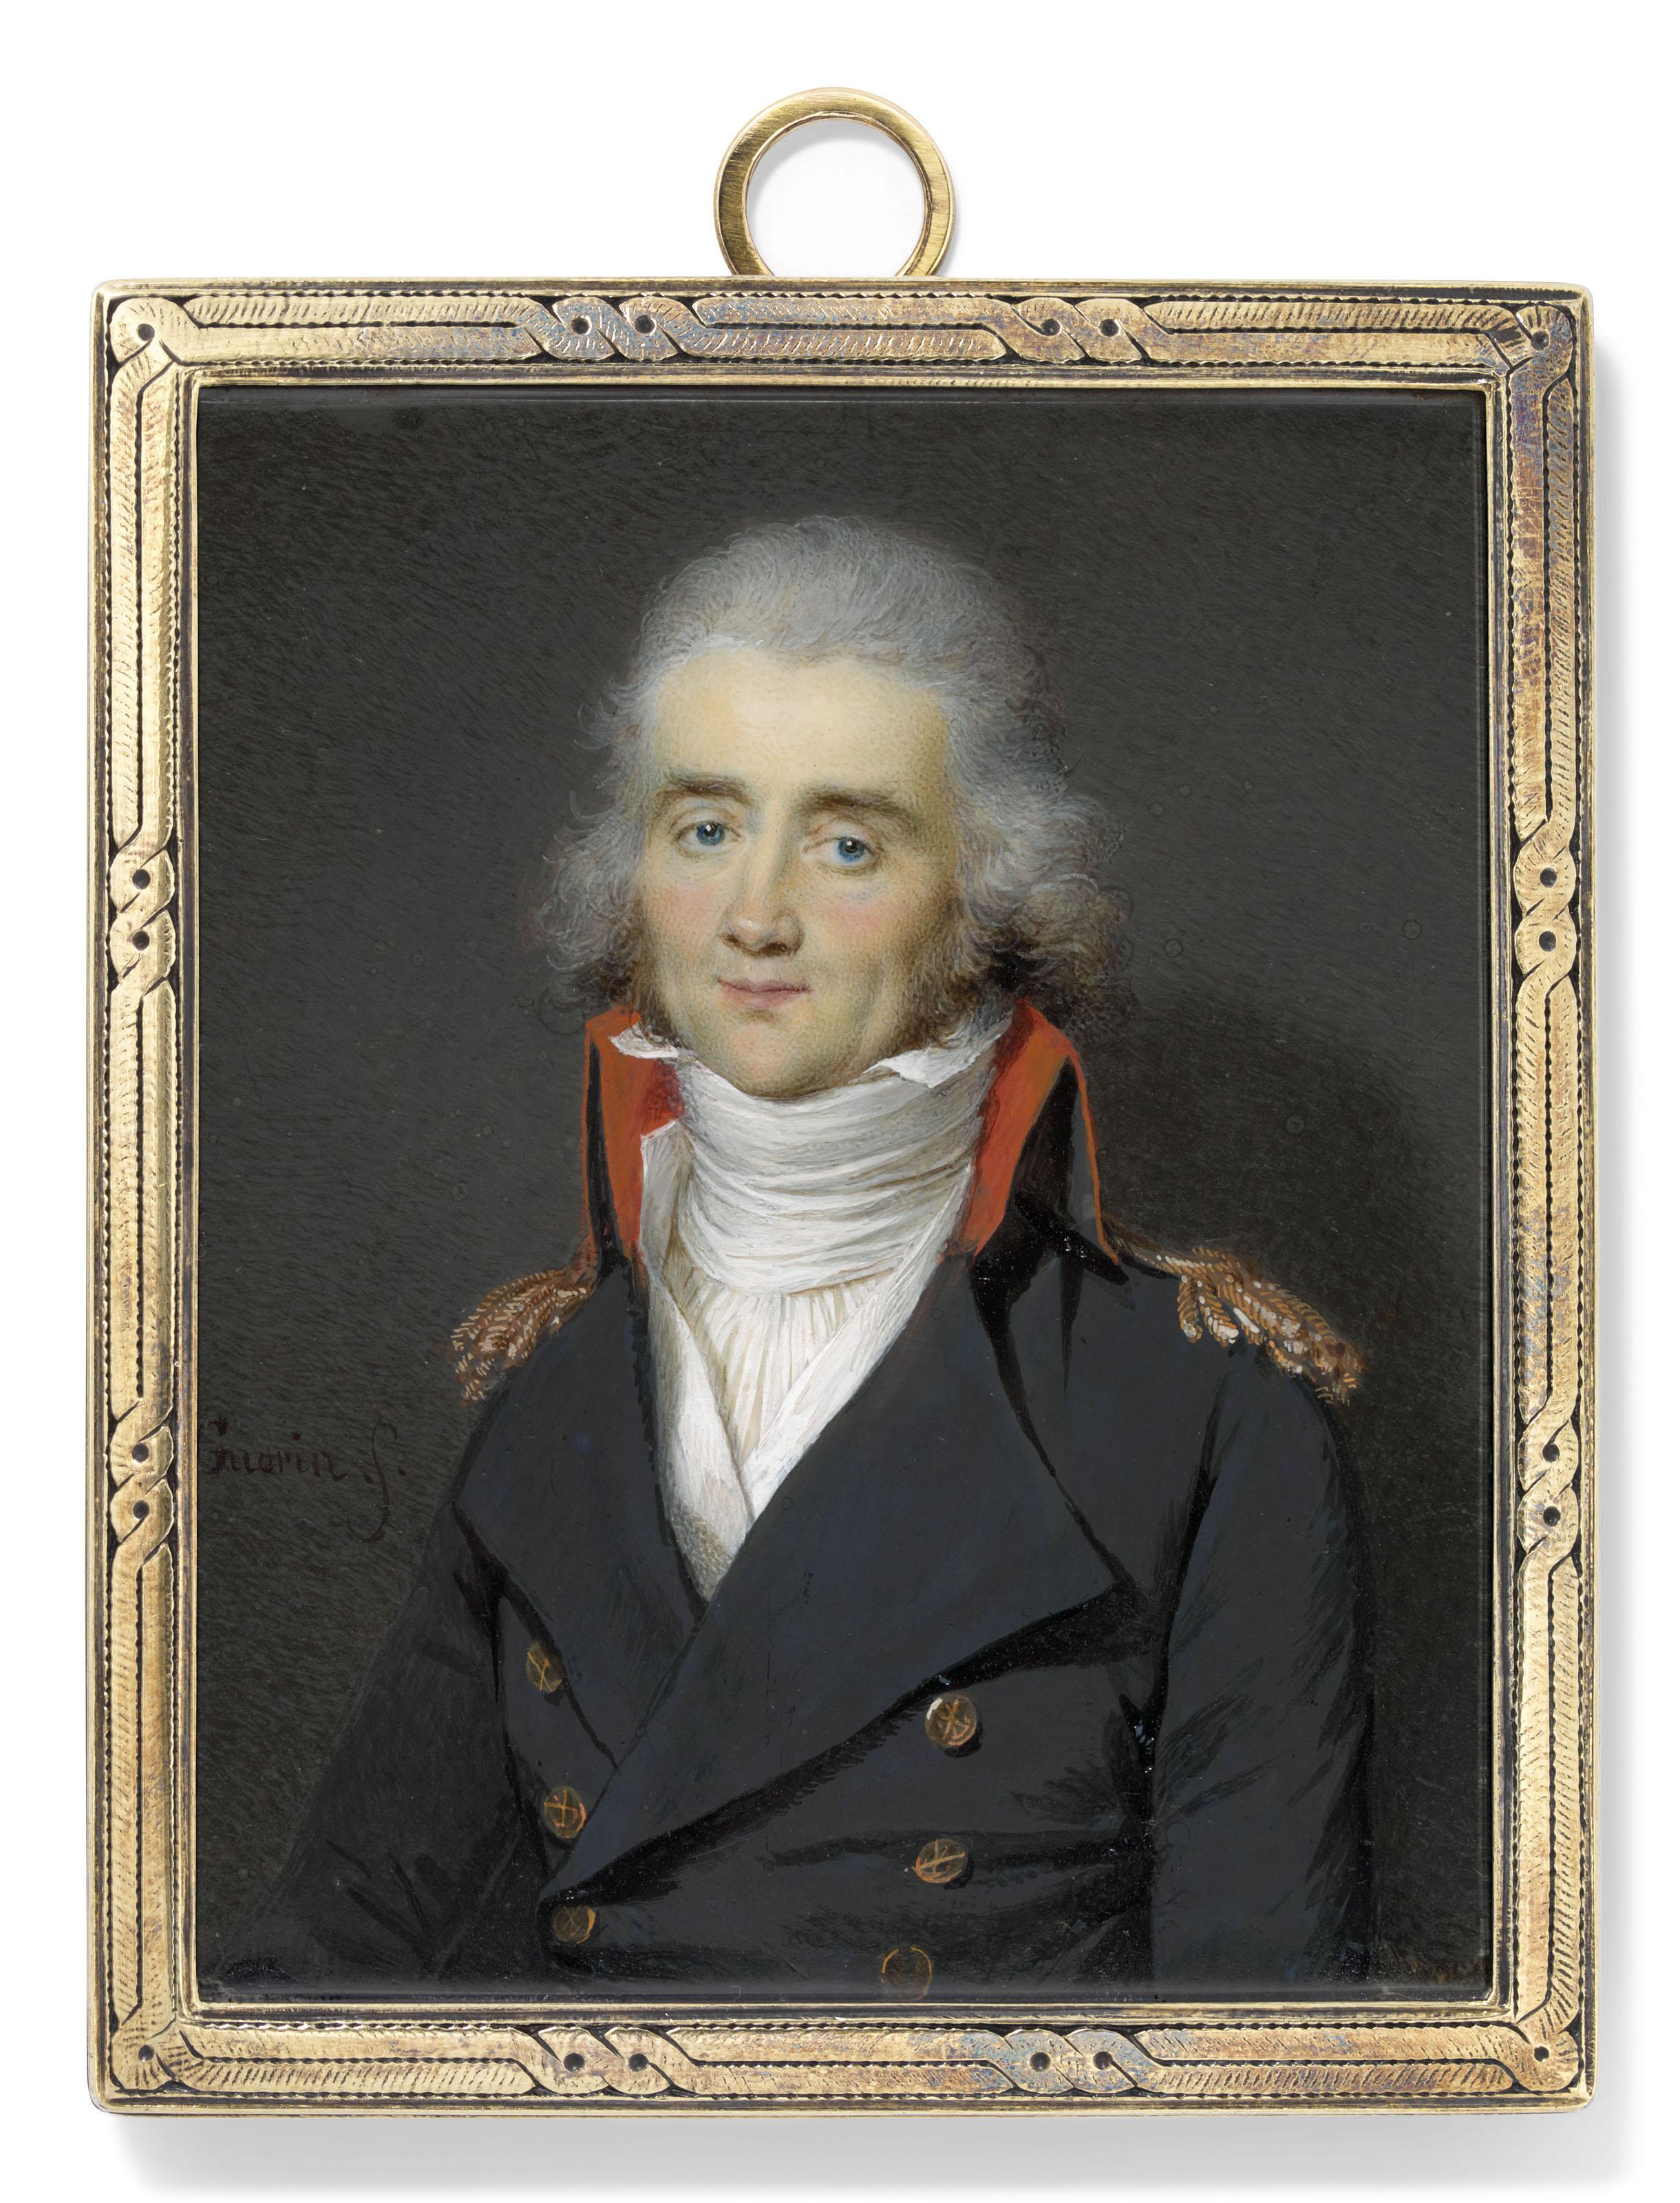 Jean-Urbain Guérin (French, 1760-1836)